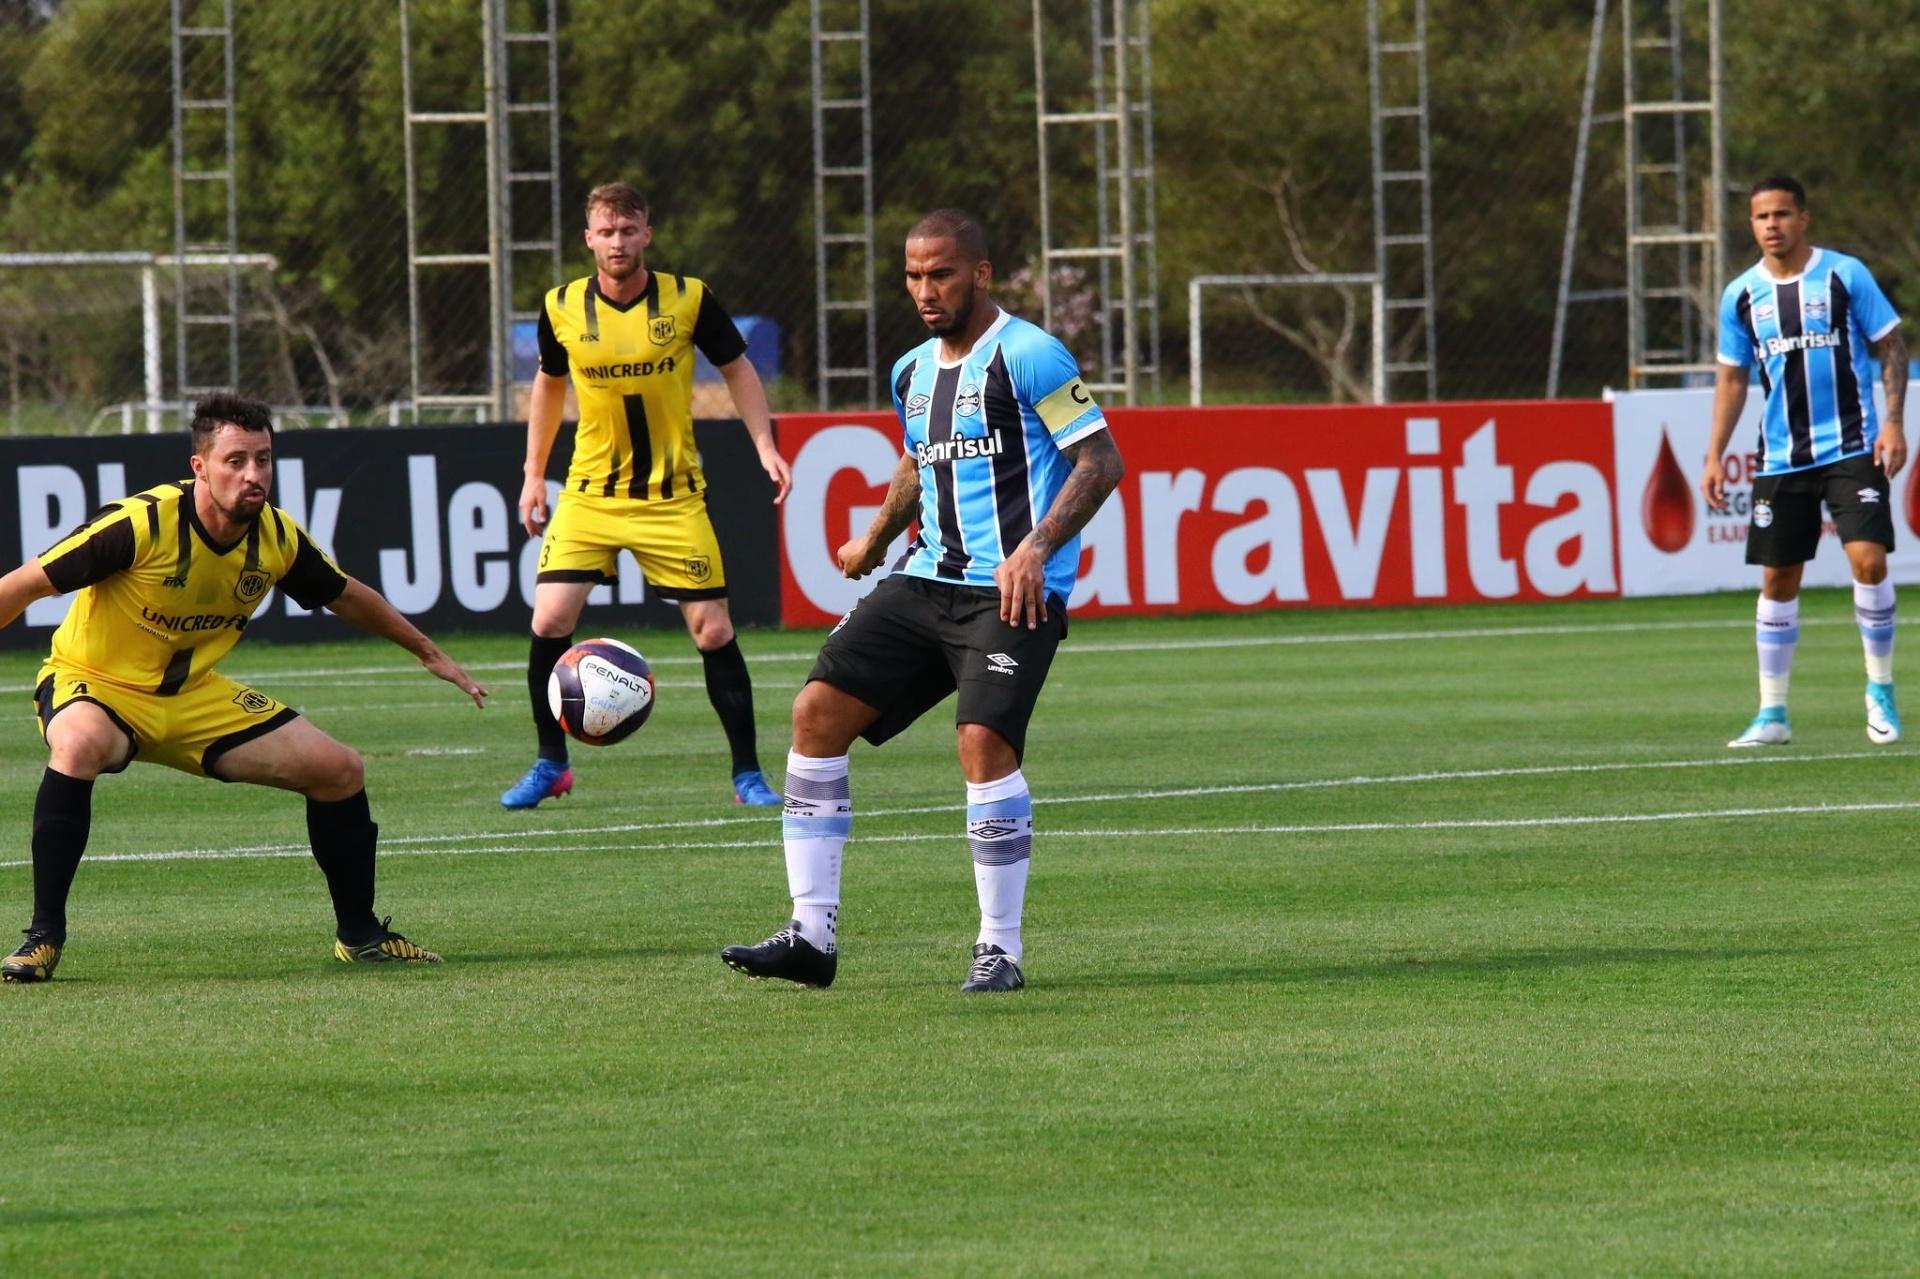 Por que Jael é visto como importante e deve ganhar chances no Grêmio -  27 09 2017 - UOL Esporte 91ff7c0a1e9c4